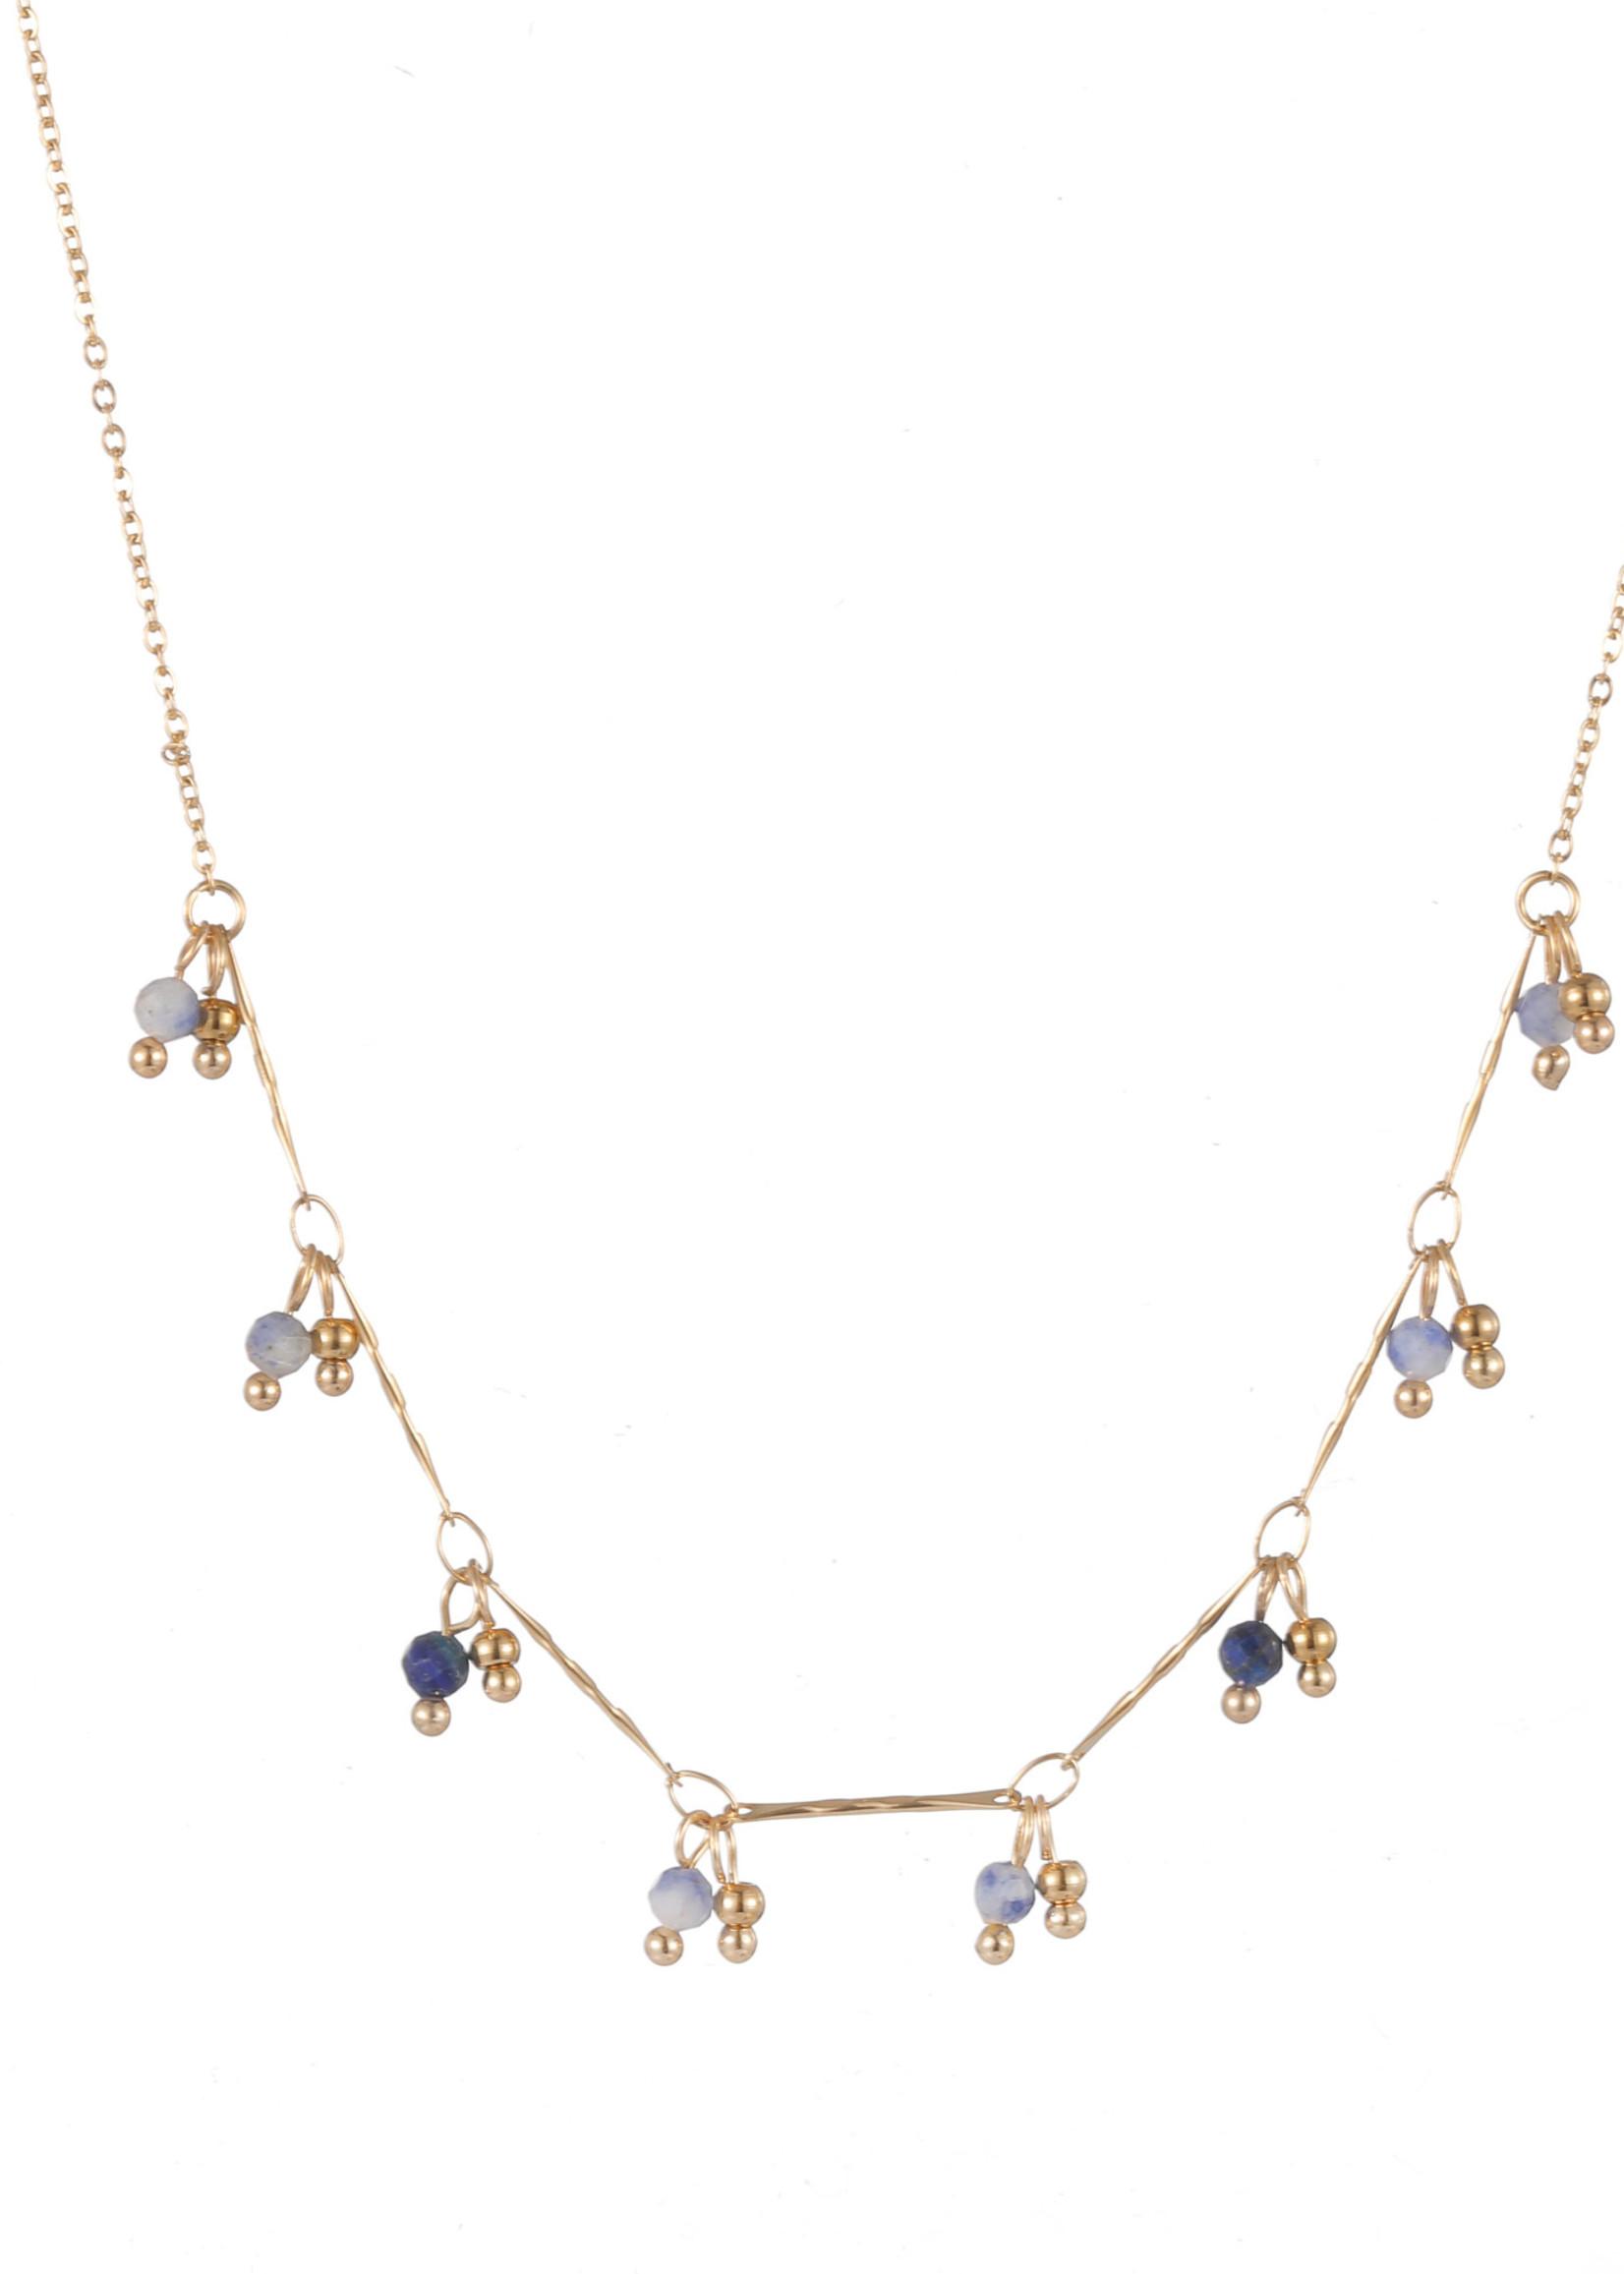 Ketting goud met blauwe steentjes N1761-3